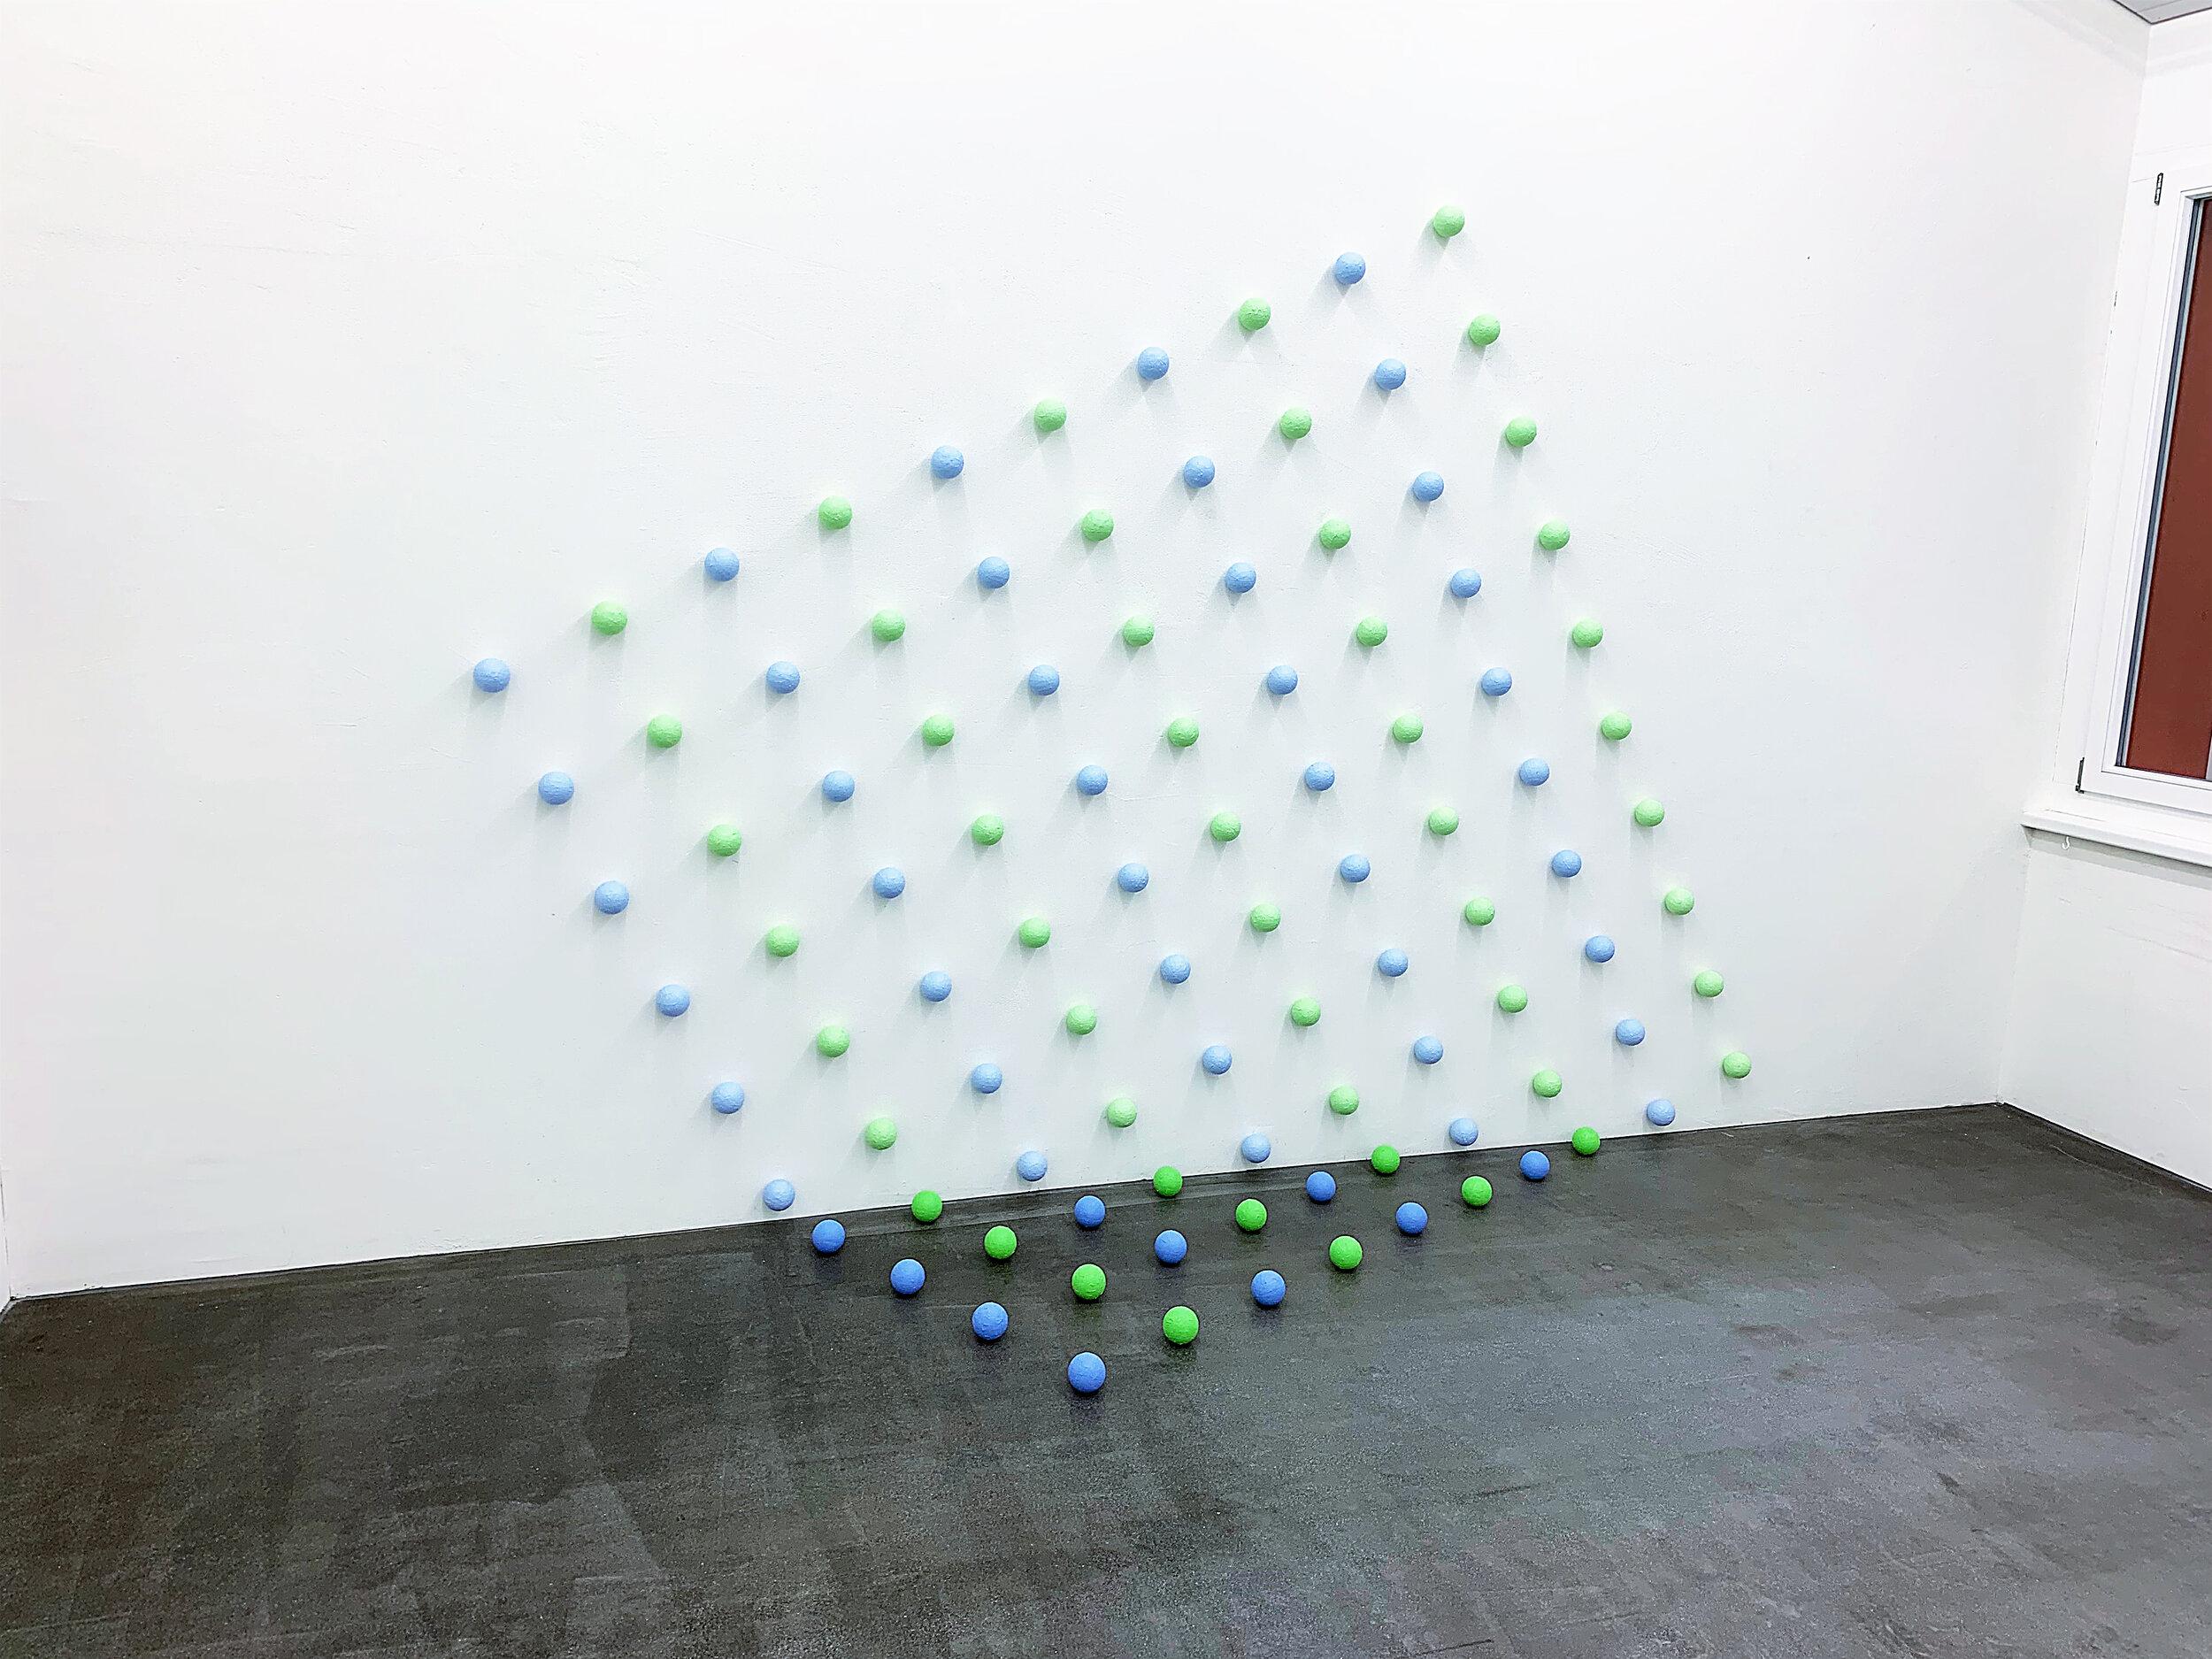 """Boden-Wand-Installation """" Quadrat 2"""" (mit Kugeln, Durchmesser 7cm) 2019, Styropor, Klebeband, Acryl, Magnete H: 219,15 cm, B: 301 cm, T: 81,9 cm"""